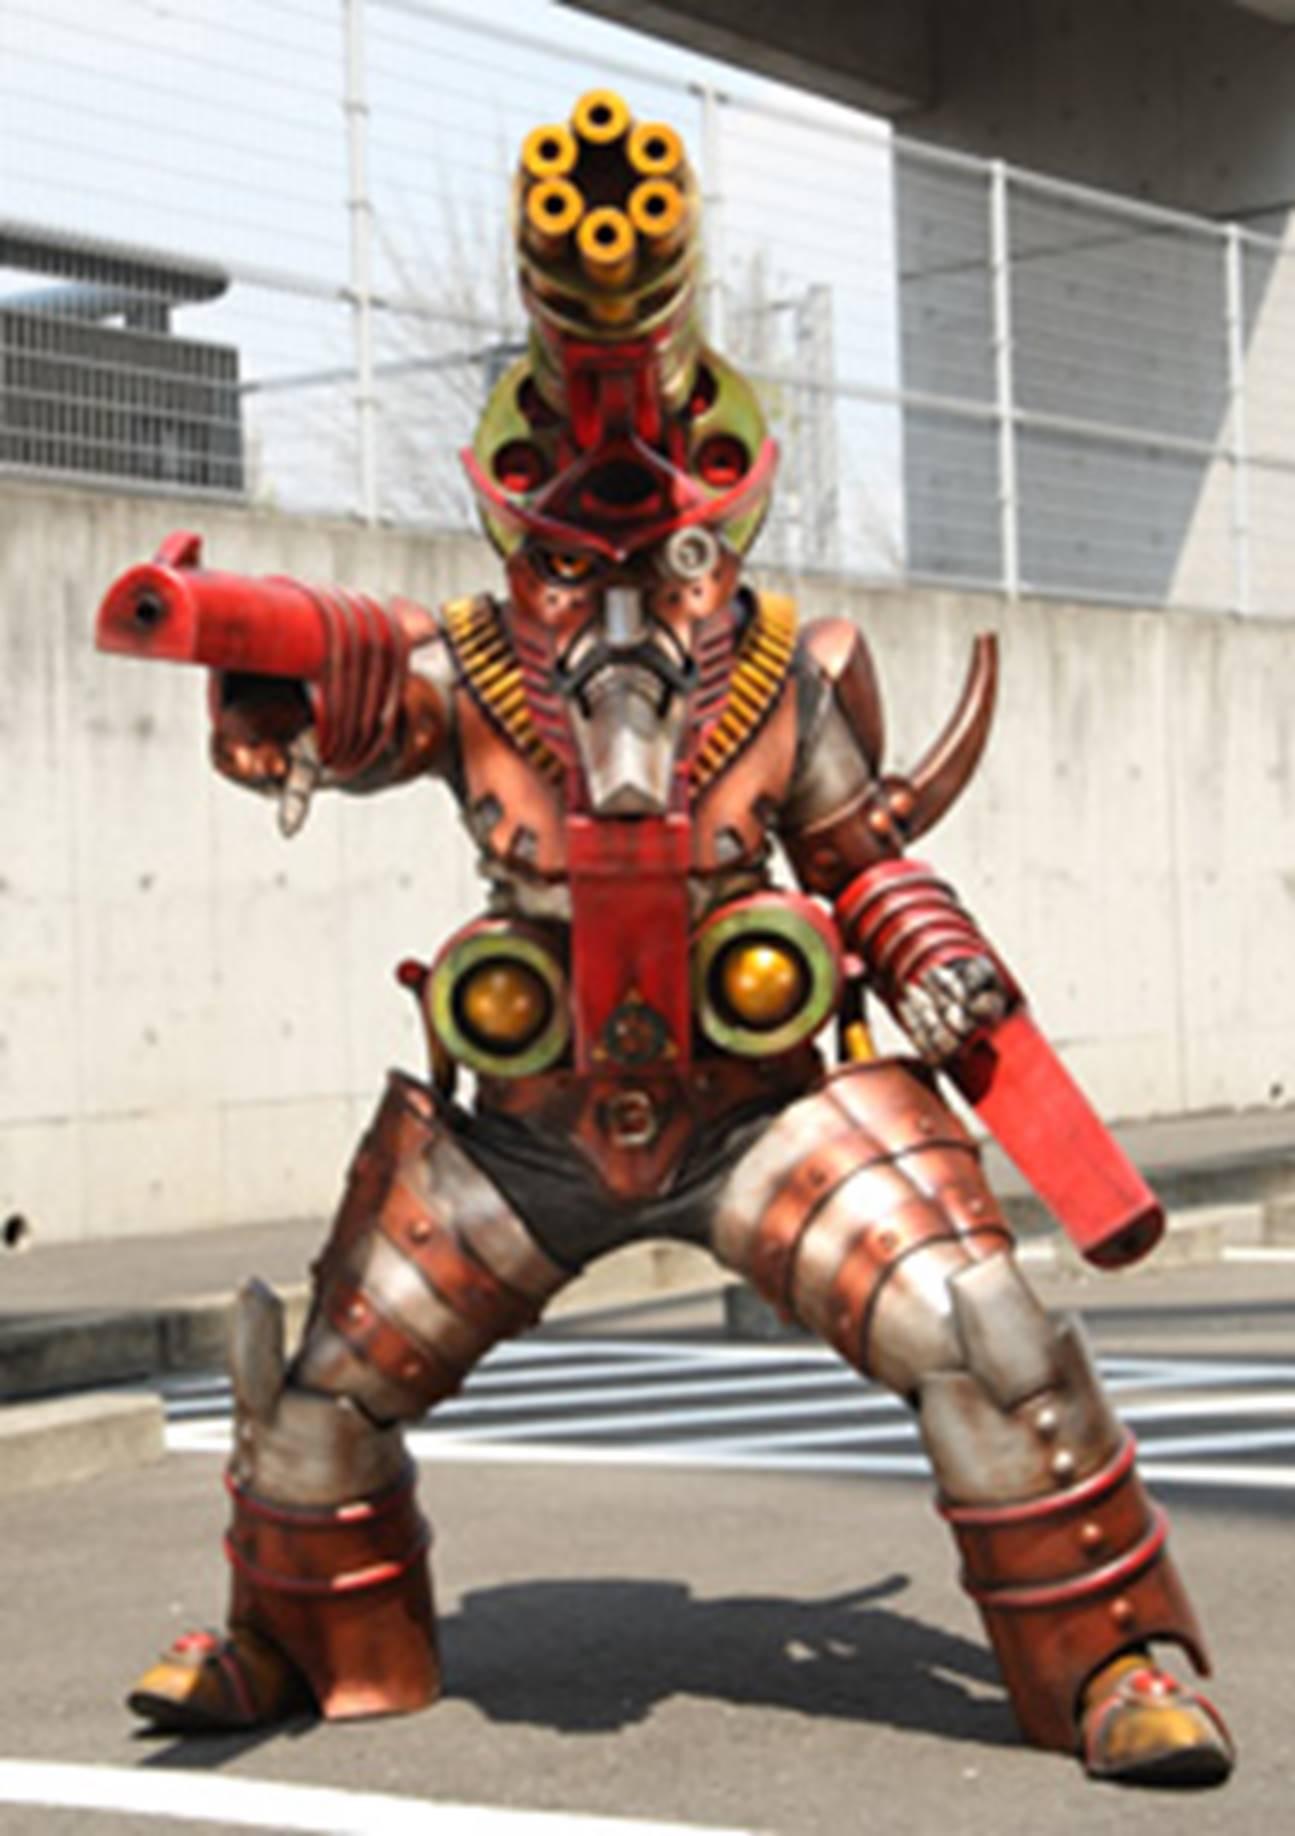 File:Goon-vm-hikigane.jpg